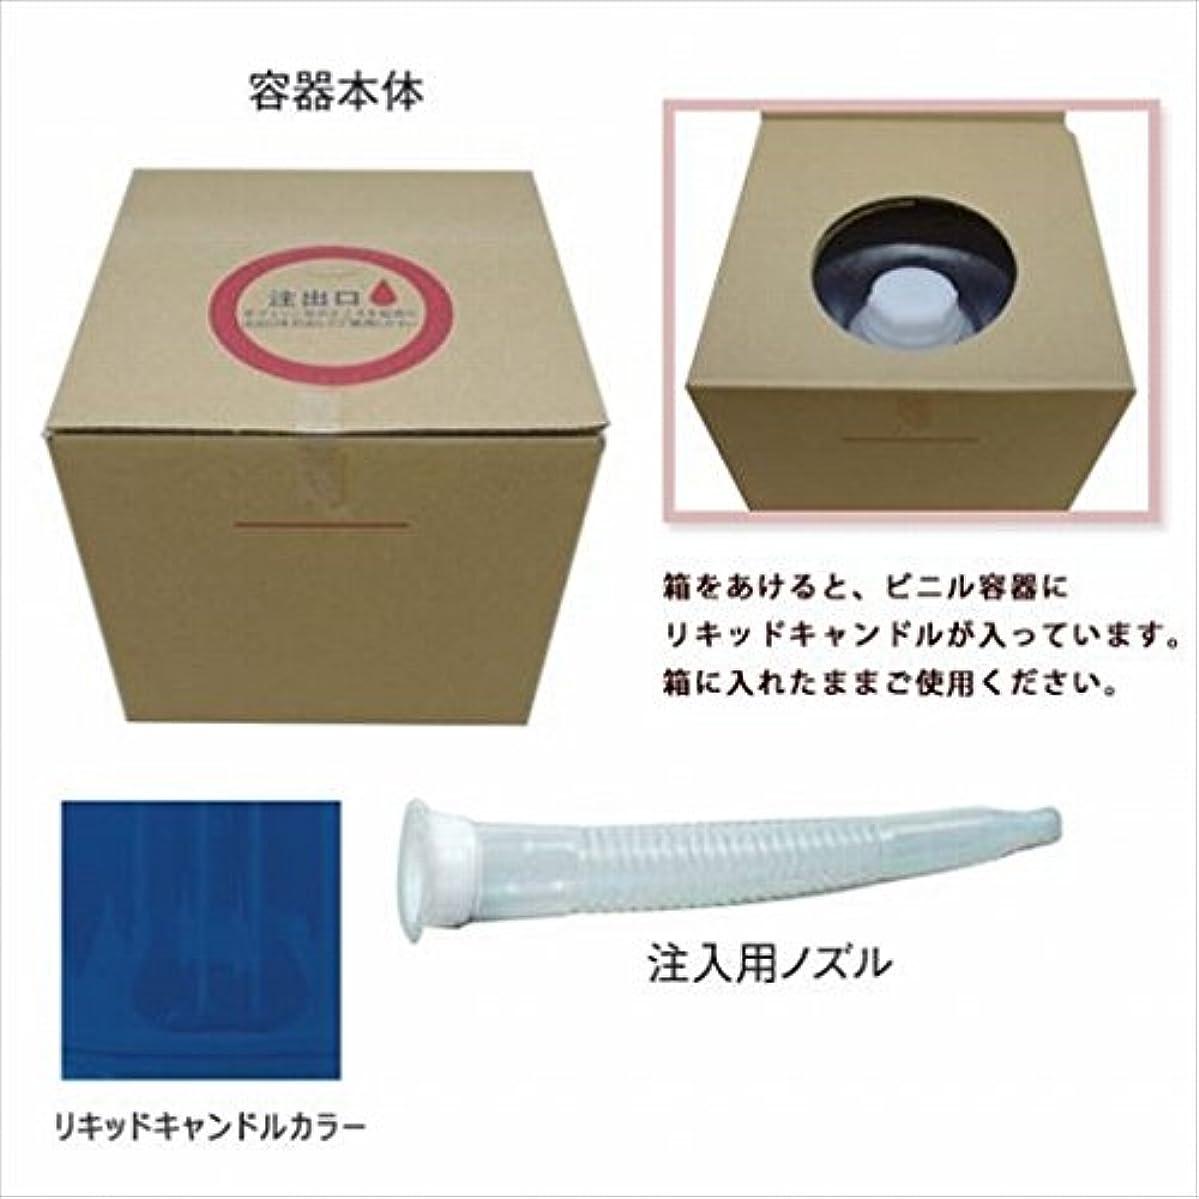 ドット分召集するカメヤマキャンドル( kameyama candle ) リキッドキャンドル5リットル 「 ブルー 」